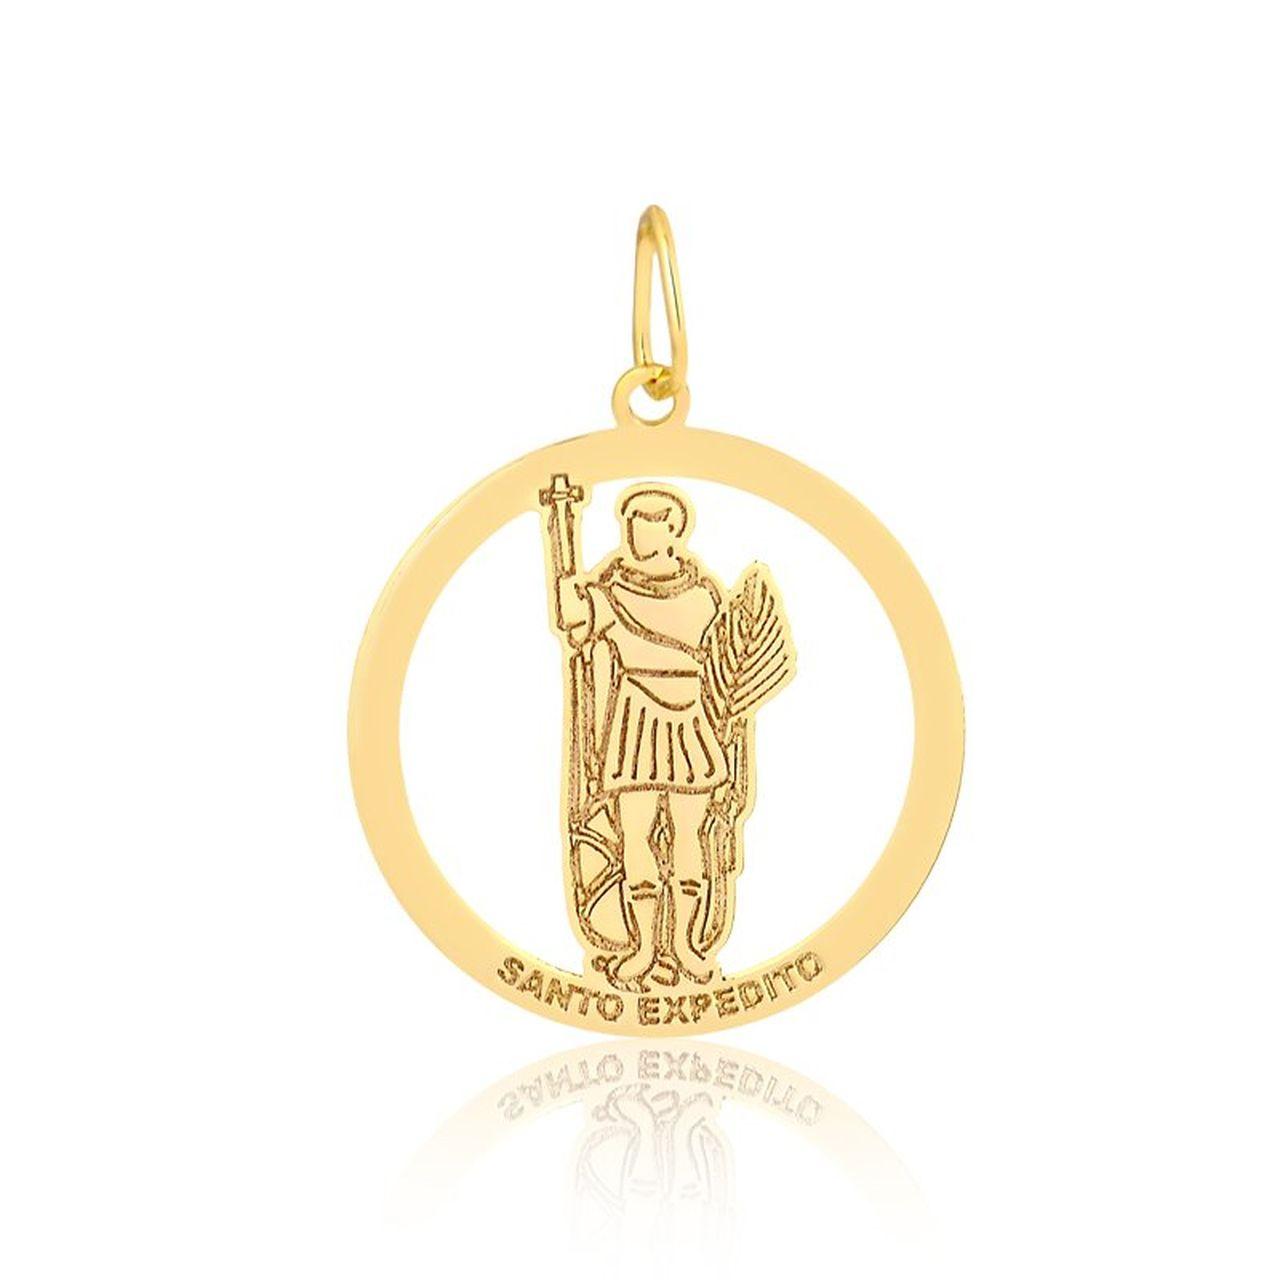 Pingente Medalha Santo Expedito em Ouro 18K